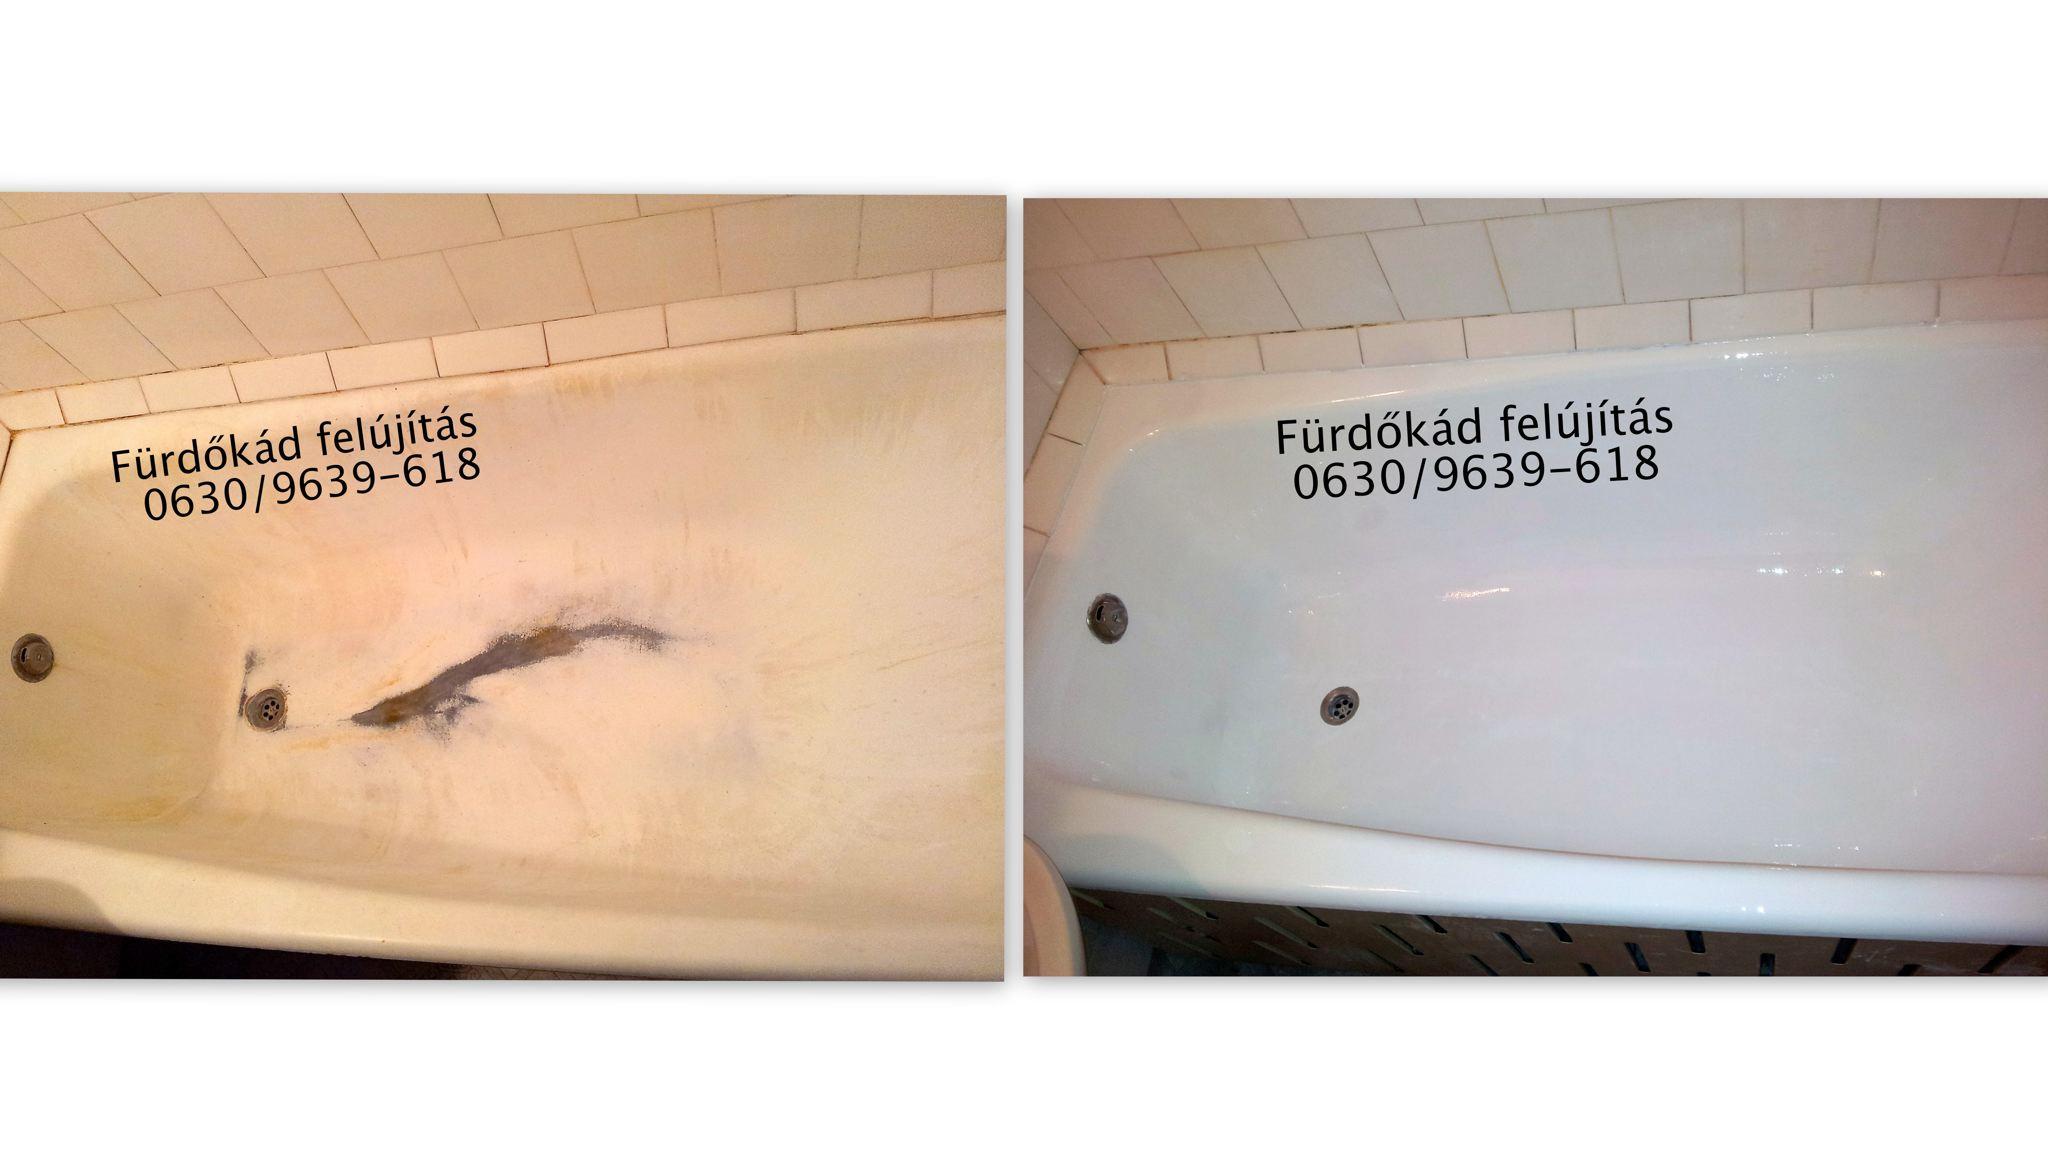 Fürdőkád felújítás (Festés) Szegeden 0630/9639-618 ...